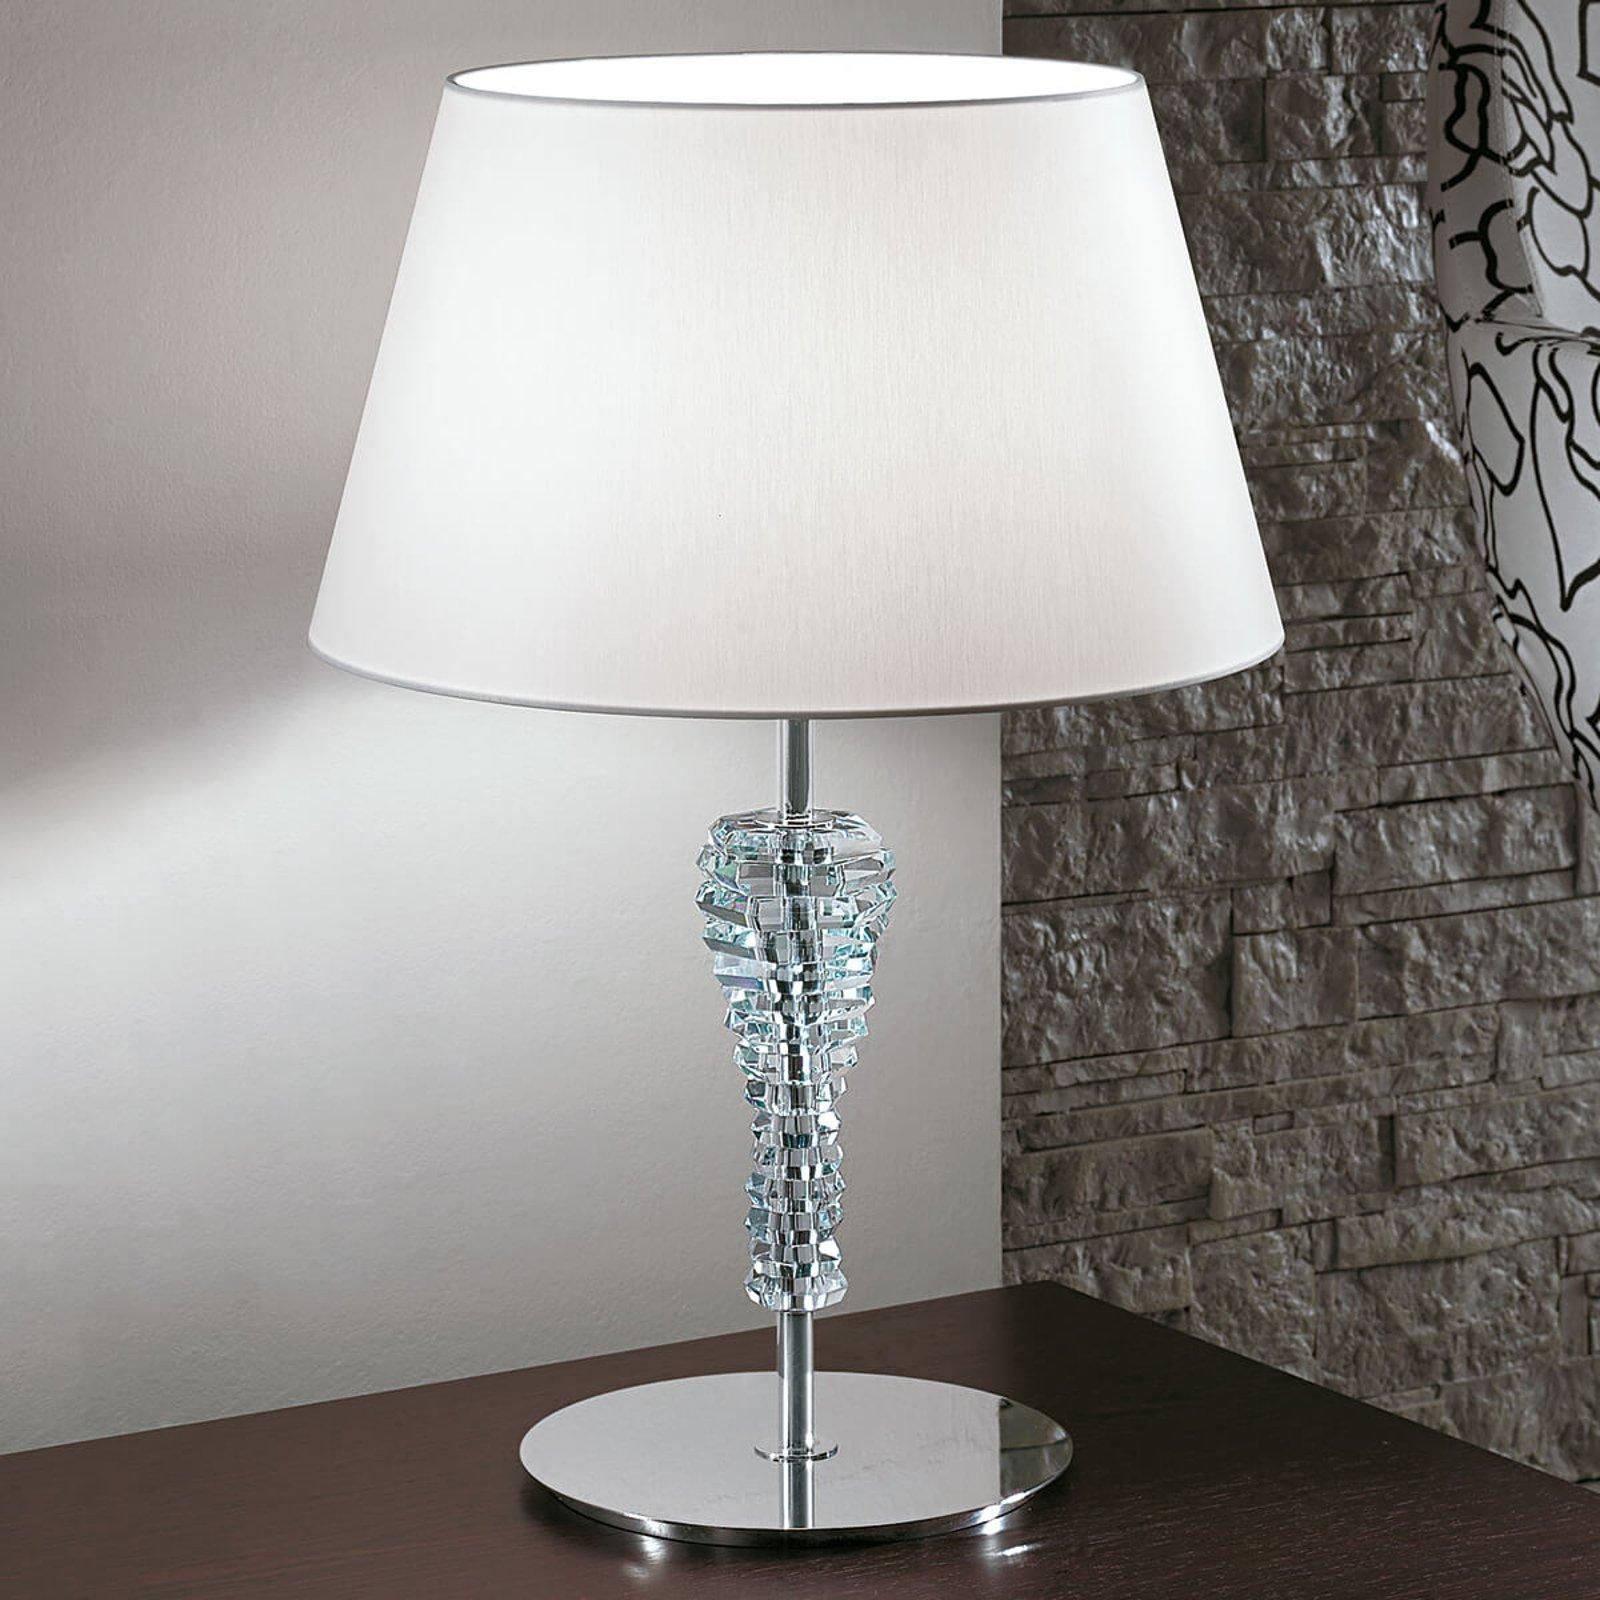 Crystal stor hvit bordlampe av tekstil